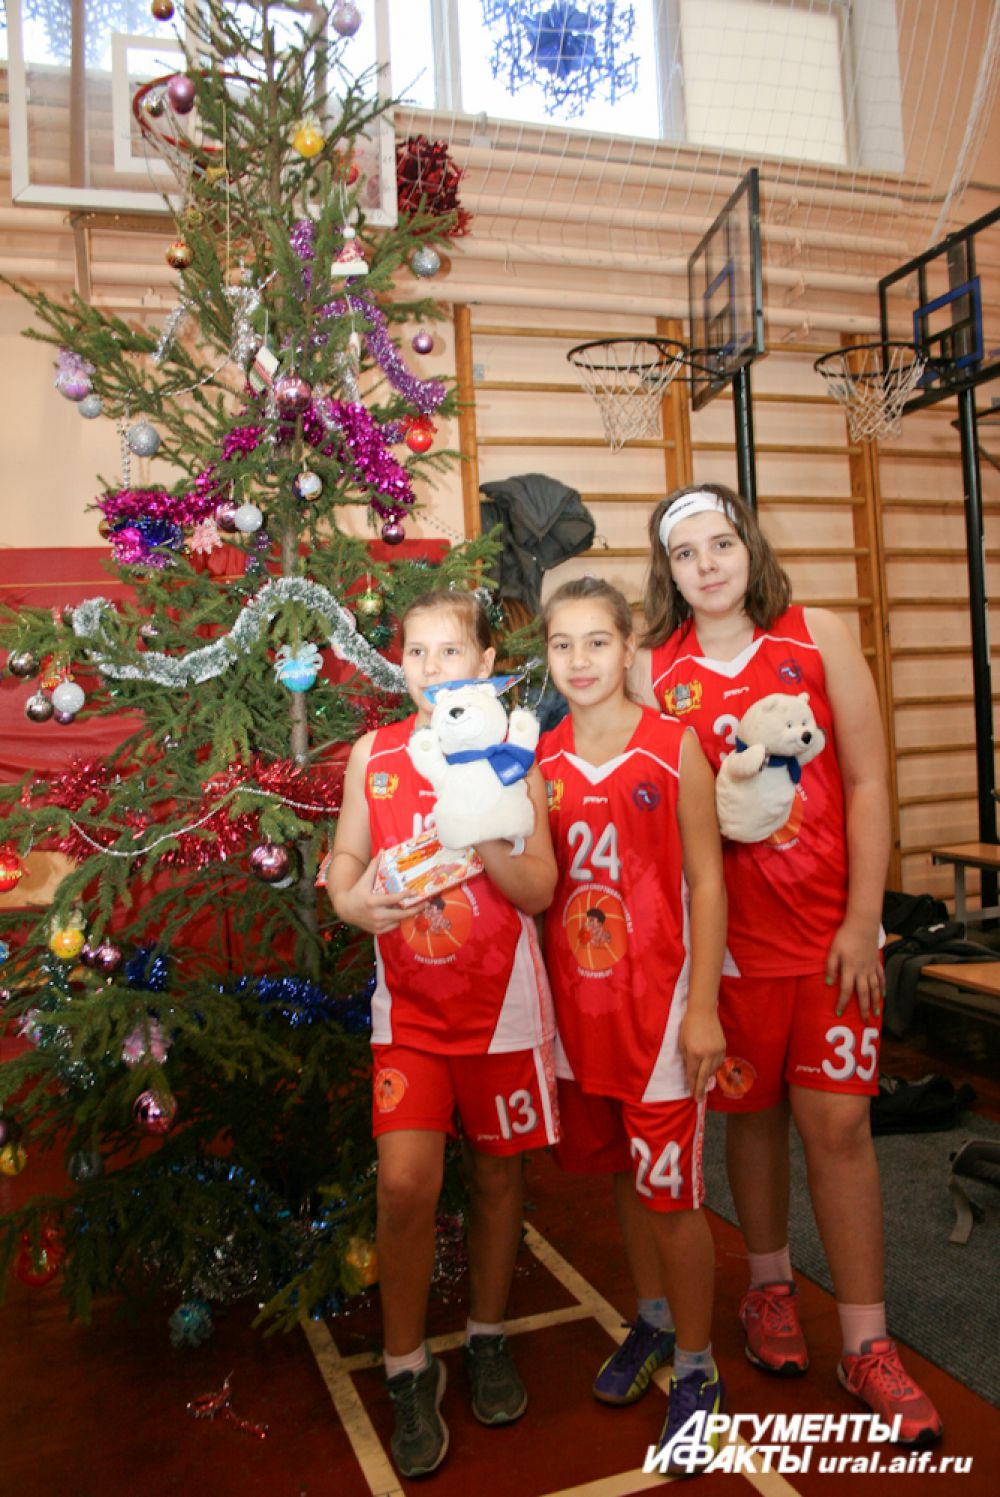 Возможность сфотографироваться у елки в спортивном зале предоставляется только раз в году.